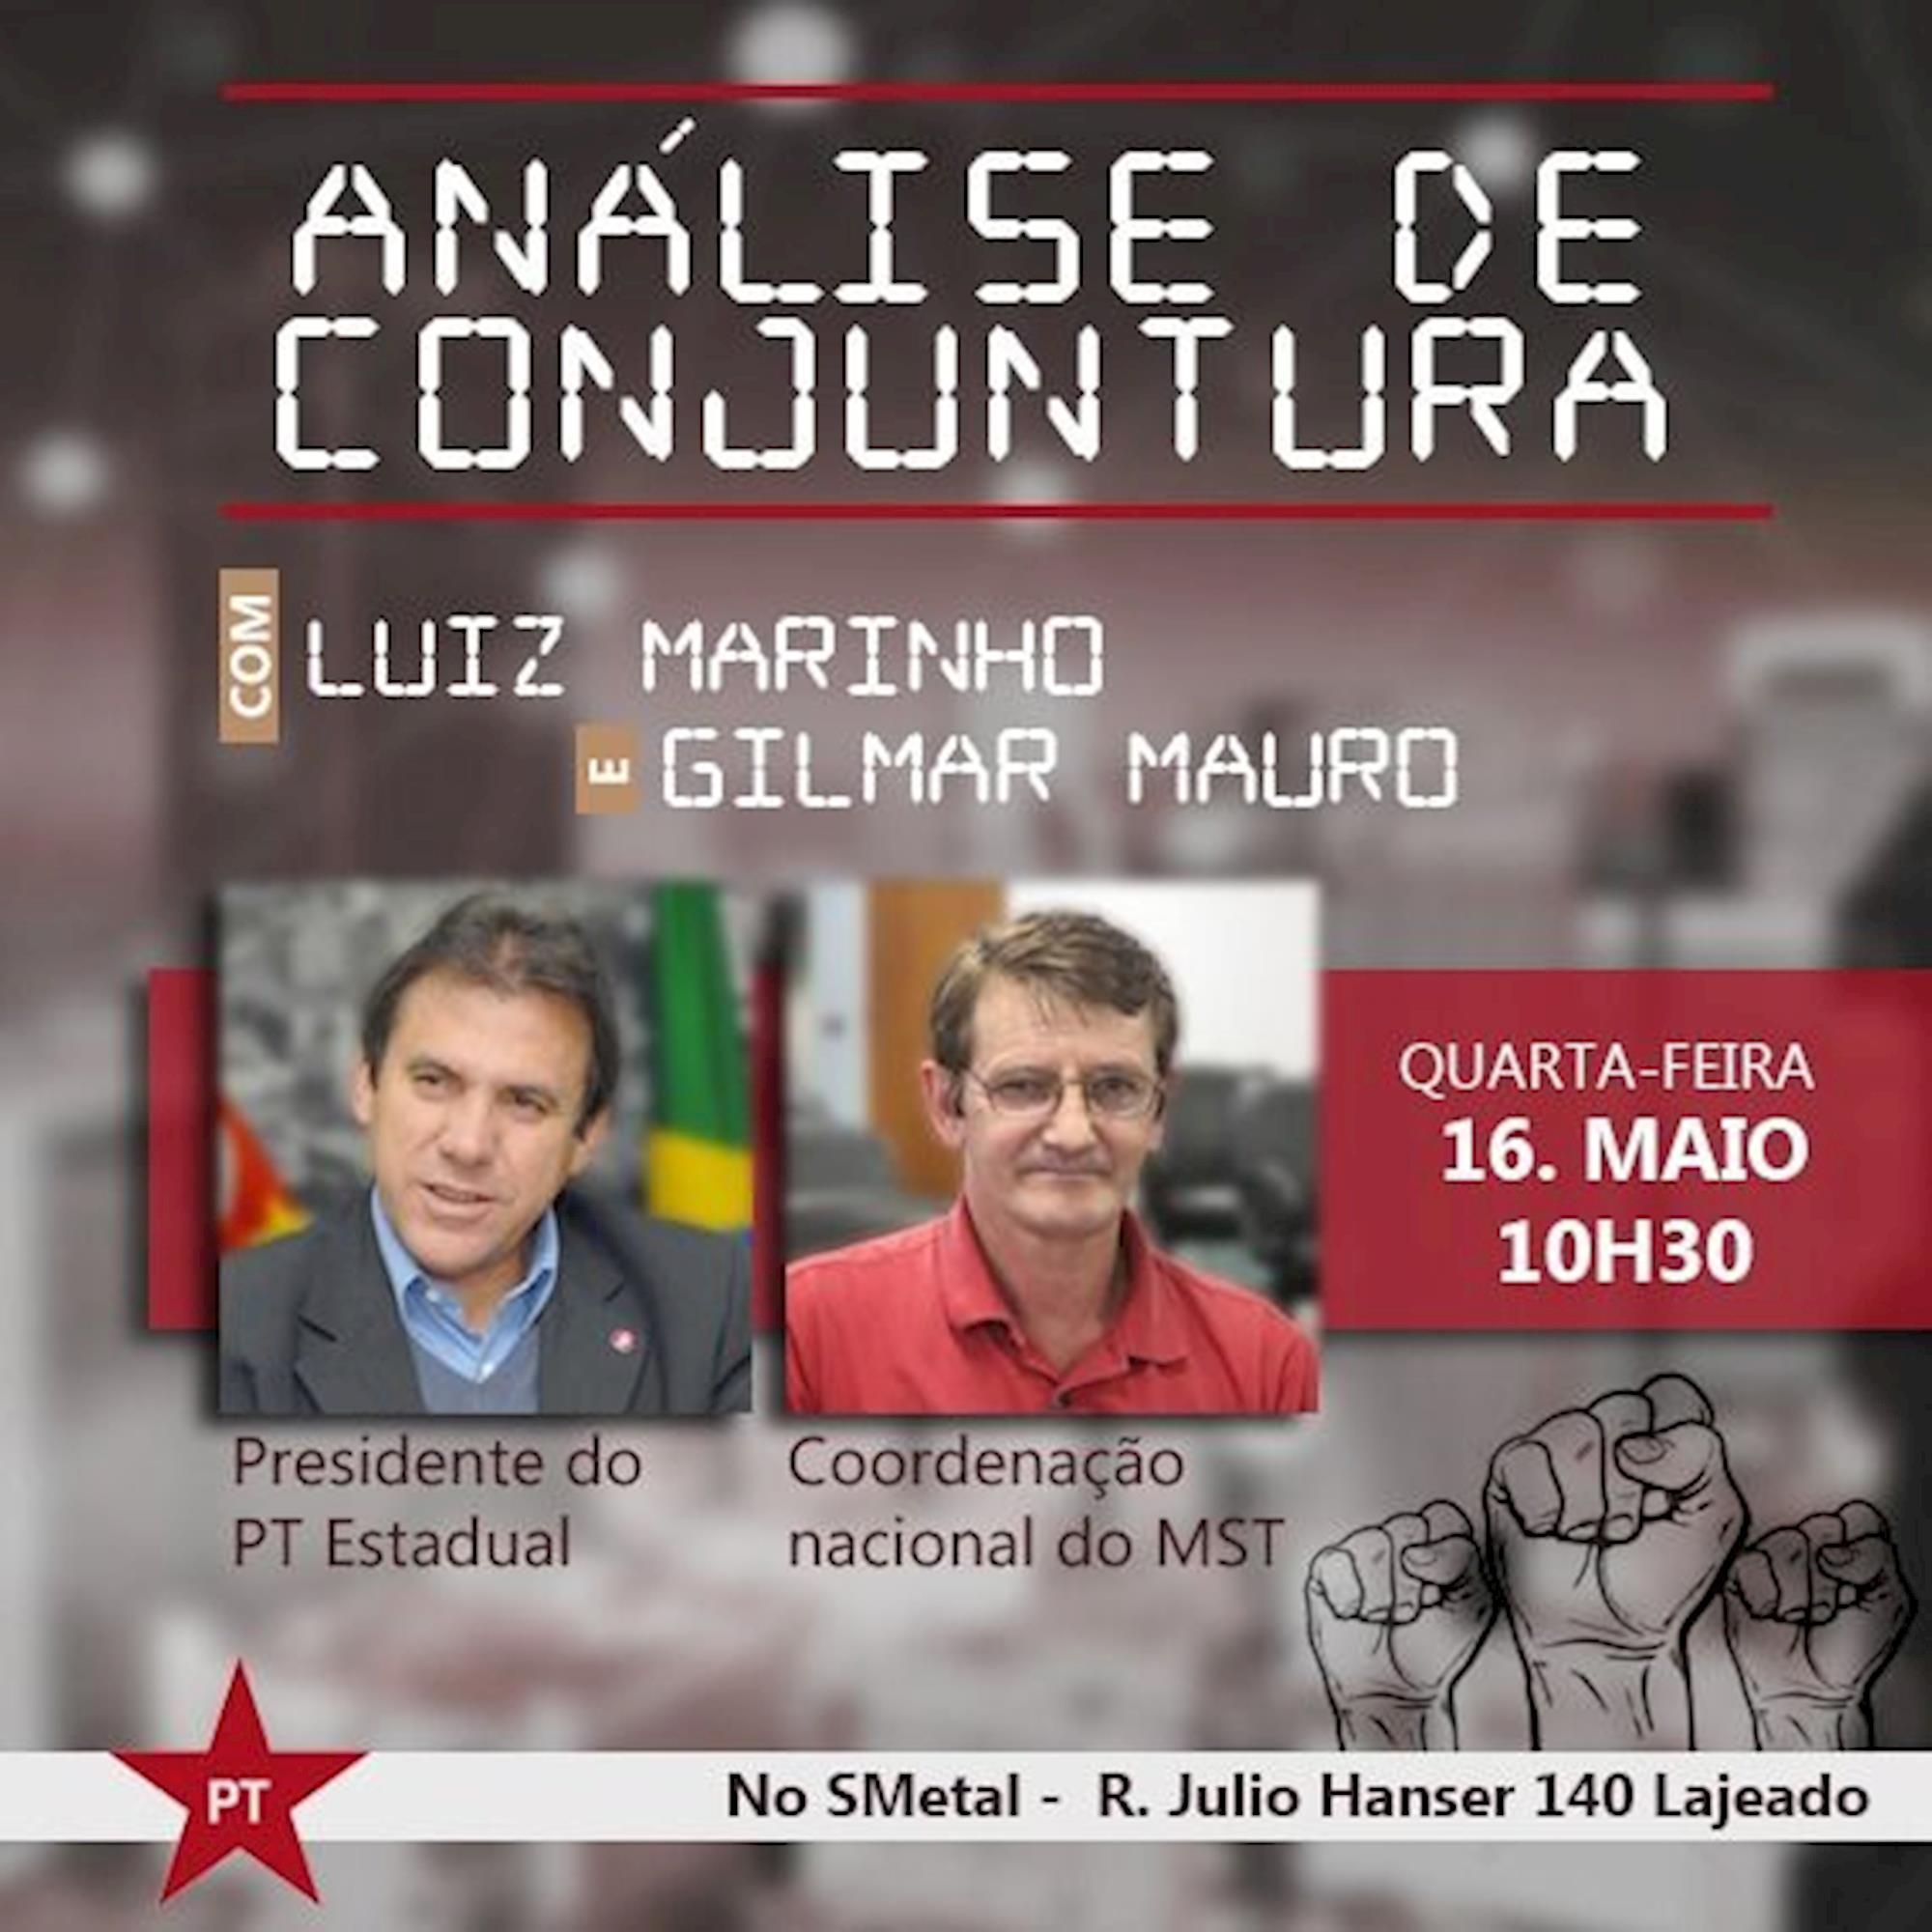 analise, , Divulgação